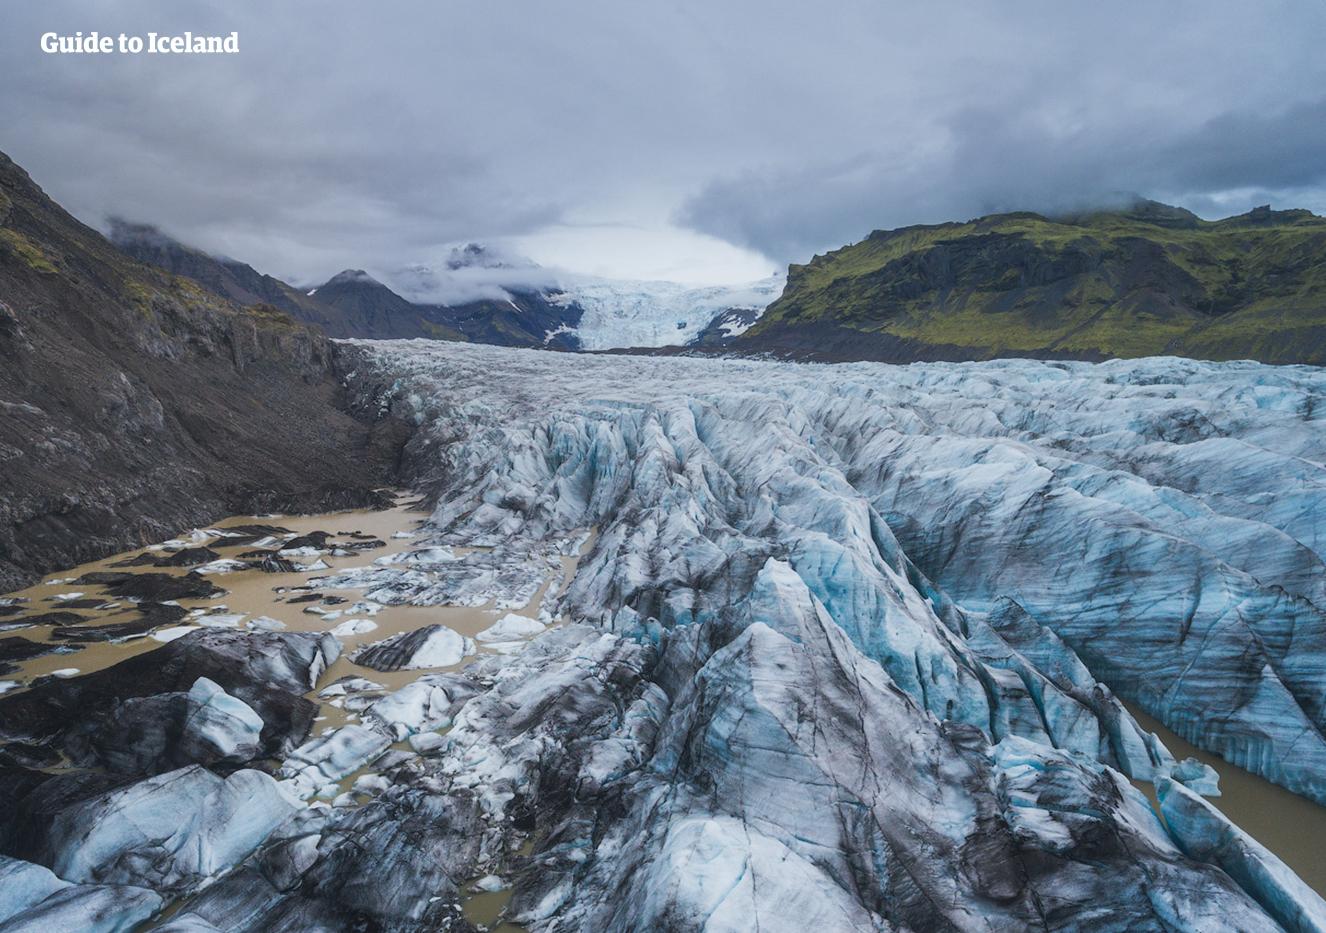 Zobacz kilka lodowców na Islandii dzięki 6-dniowej wycieczce autem w trakcie lata.